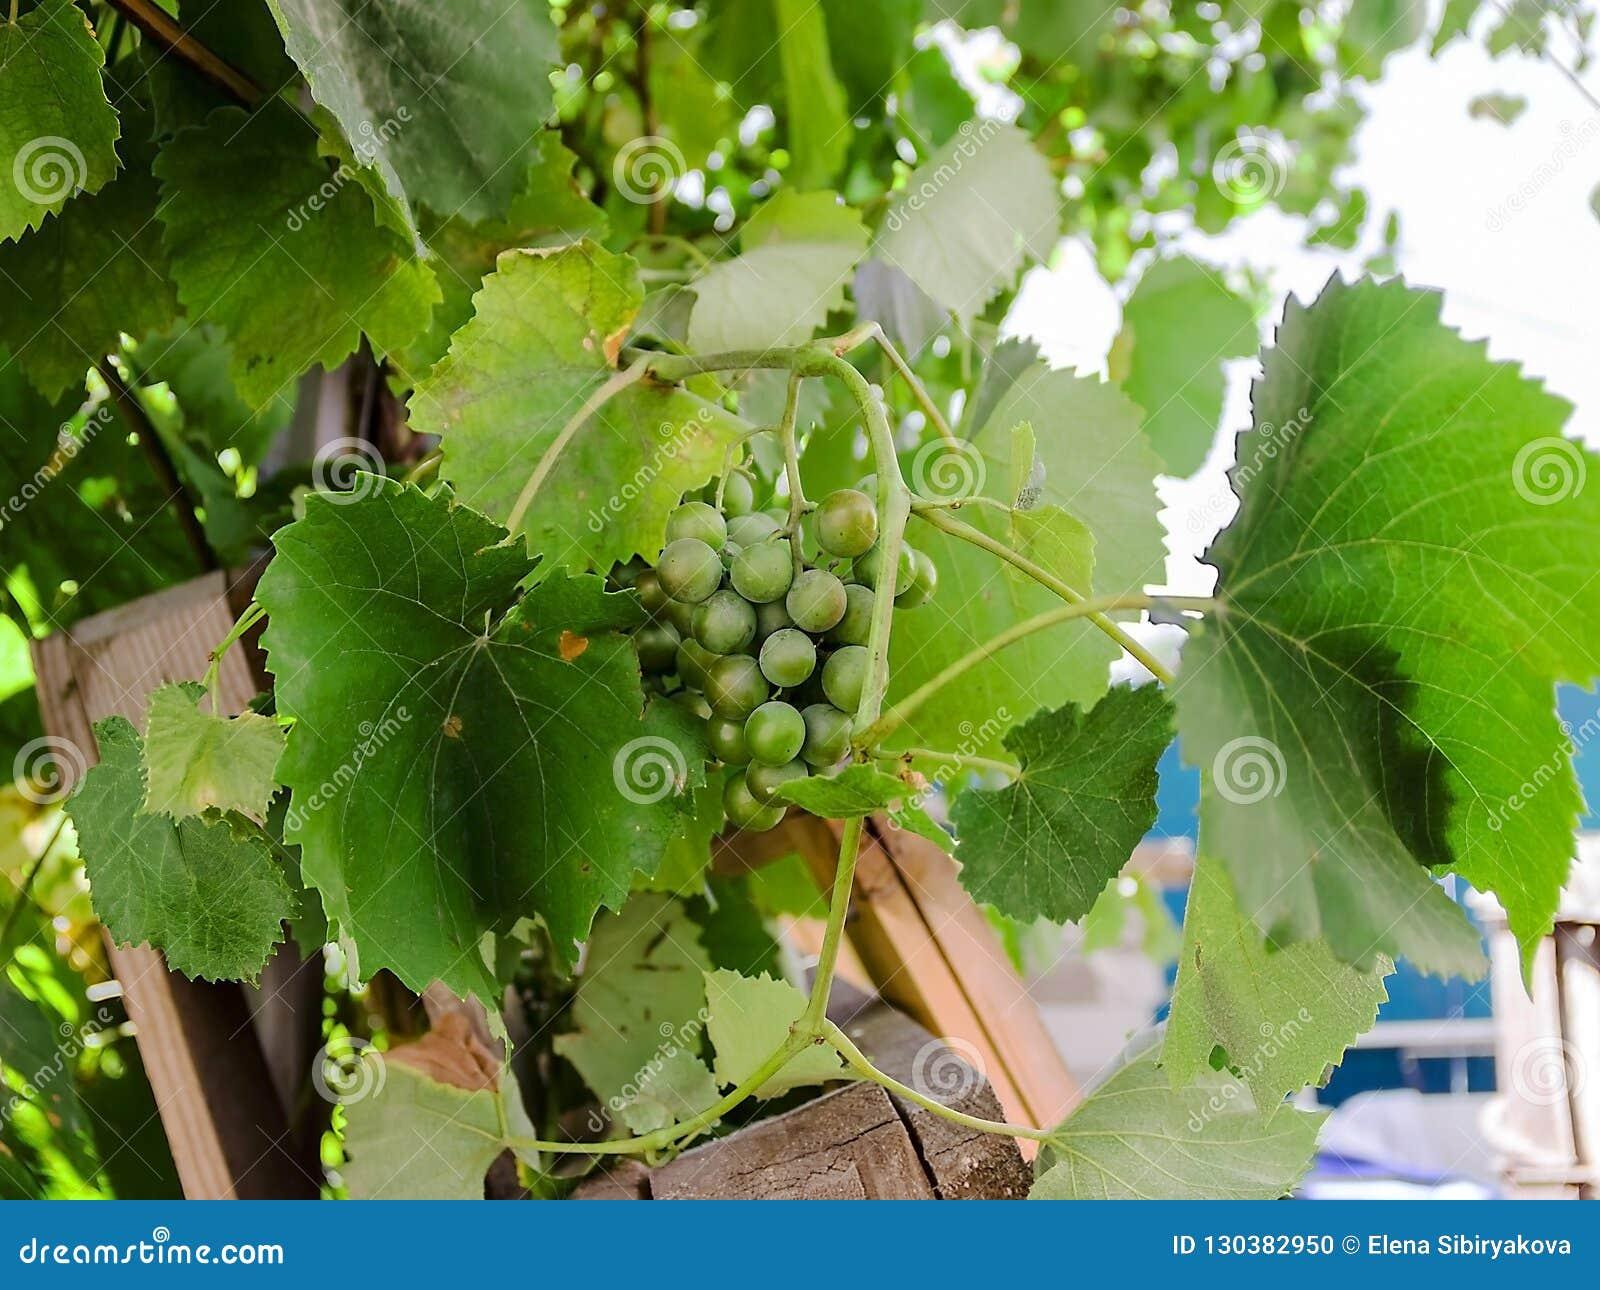 Druvor i trädgården gör grön mycket